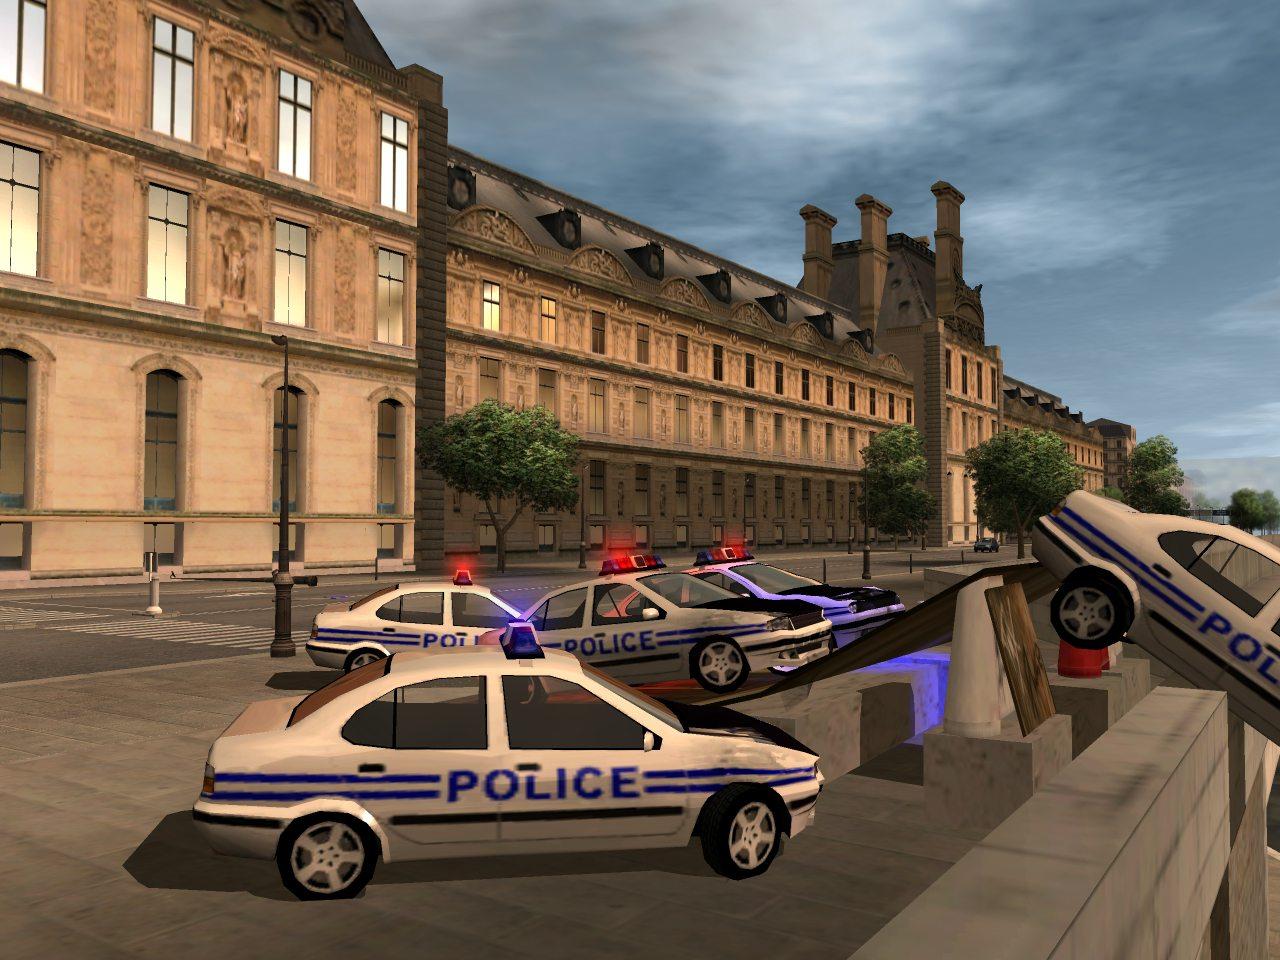 Police_04_psd_jpgcopy